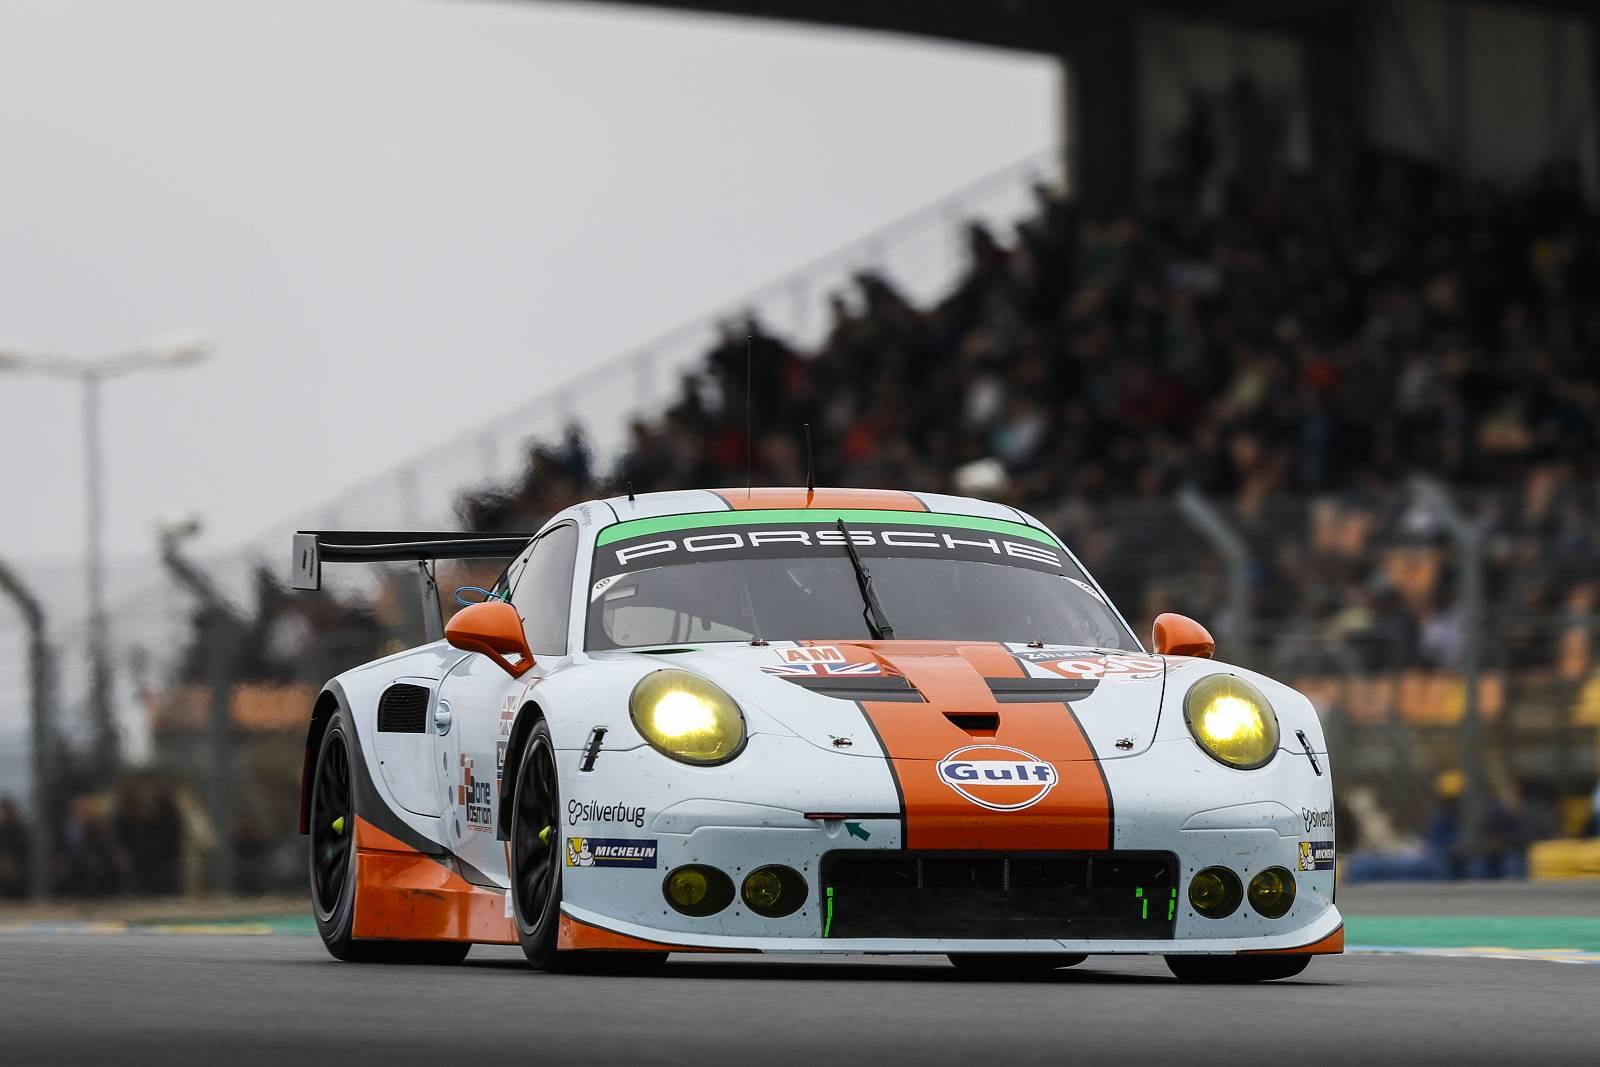 Porsche-í11-RSR-Le-Mans-01